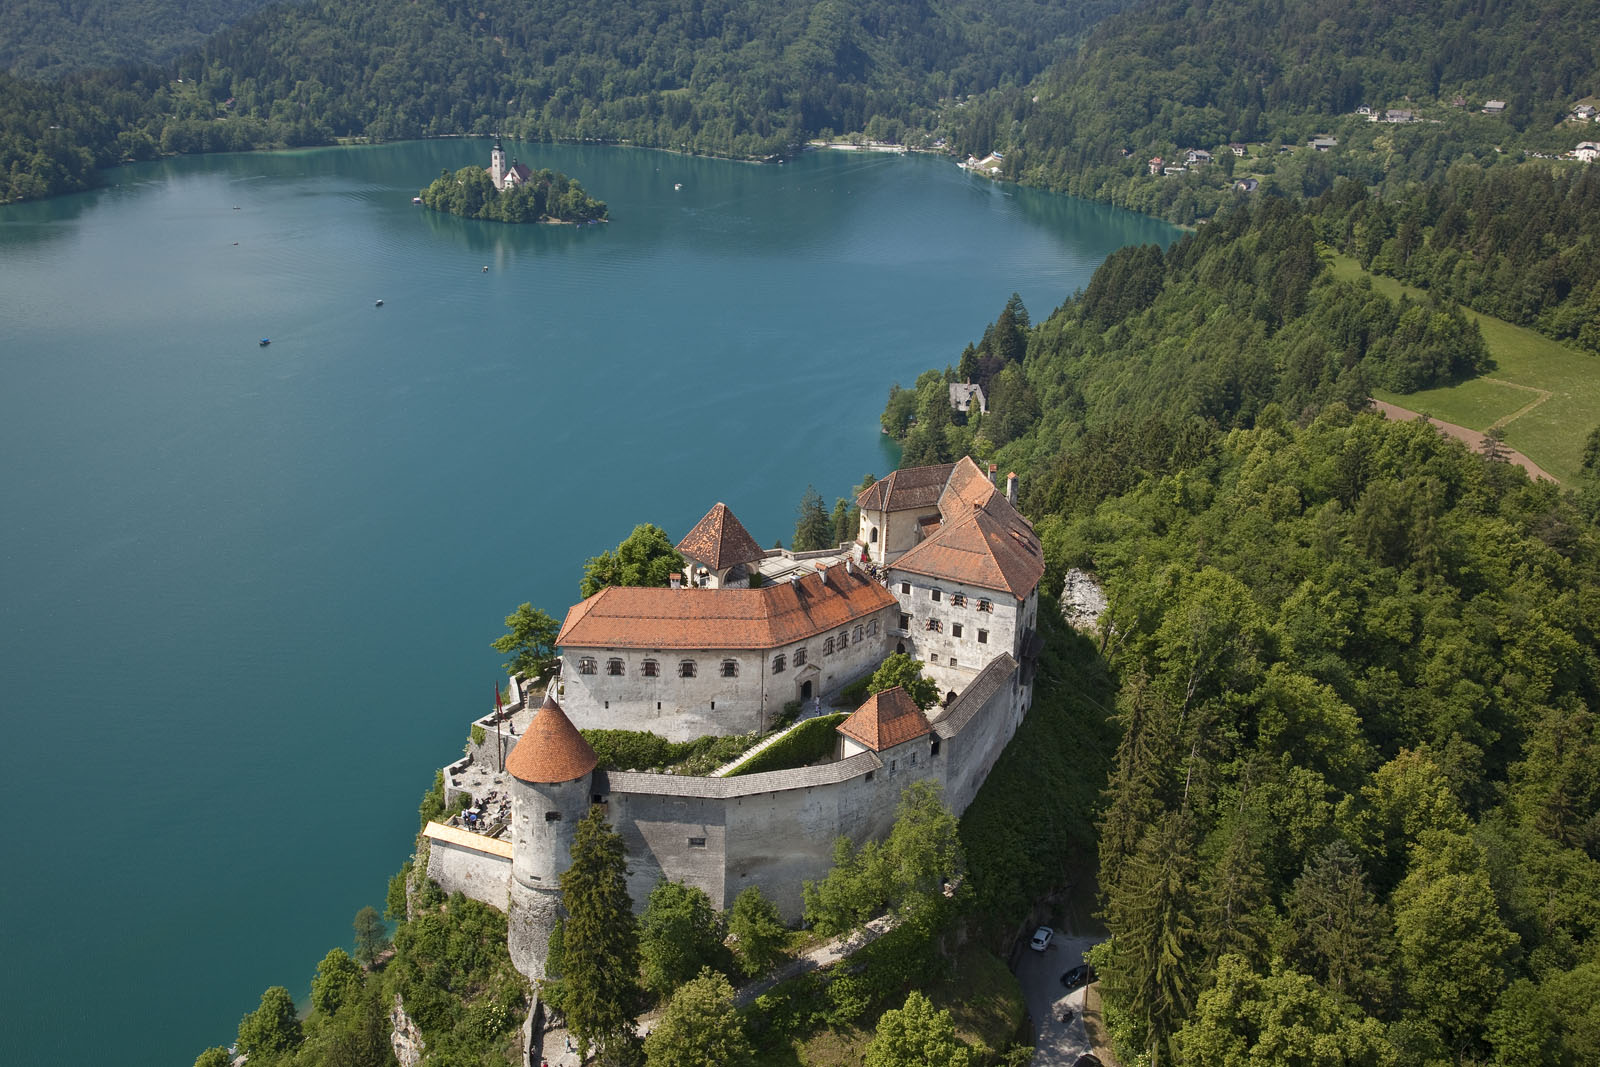 Bledi vár és a tó.jpg